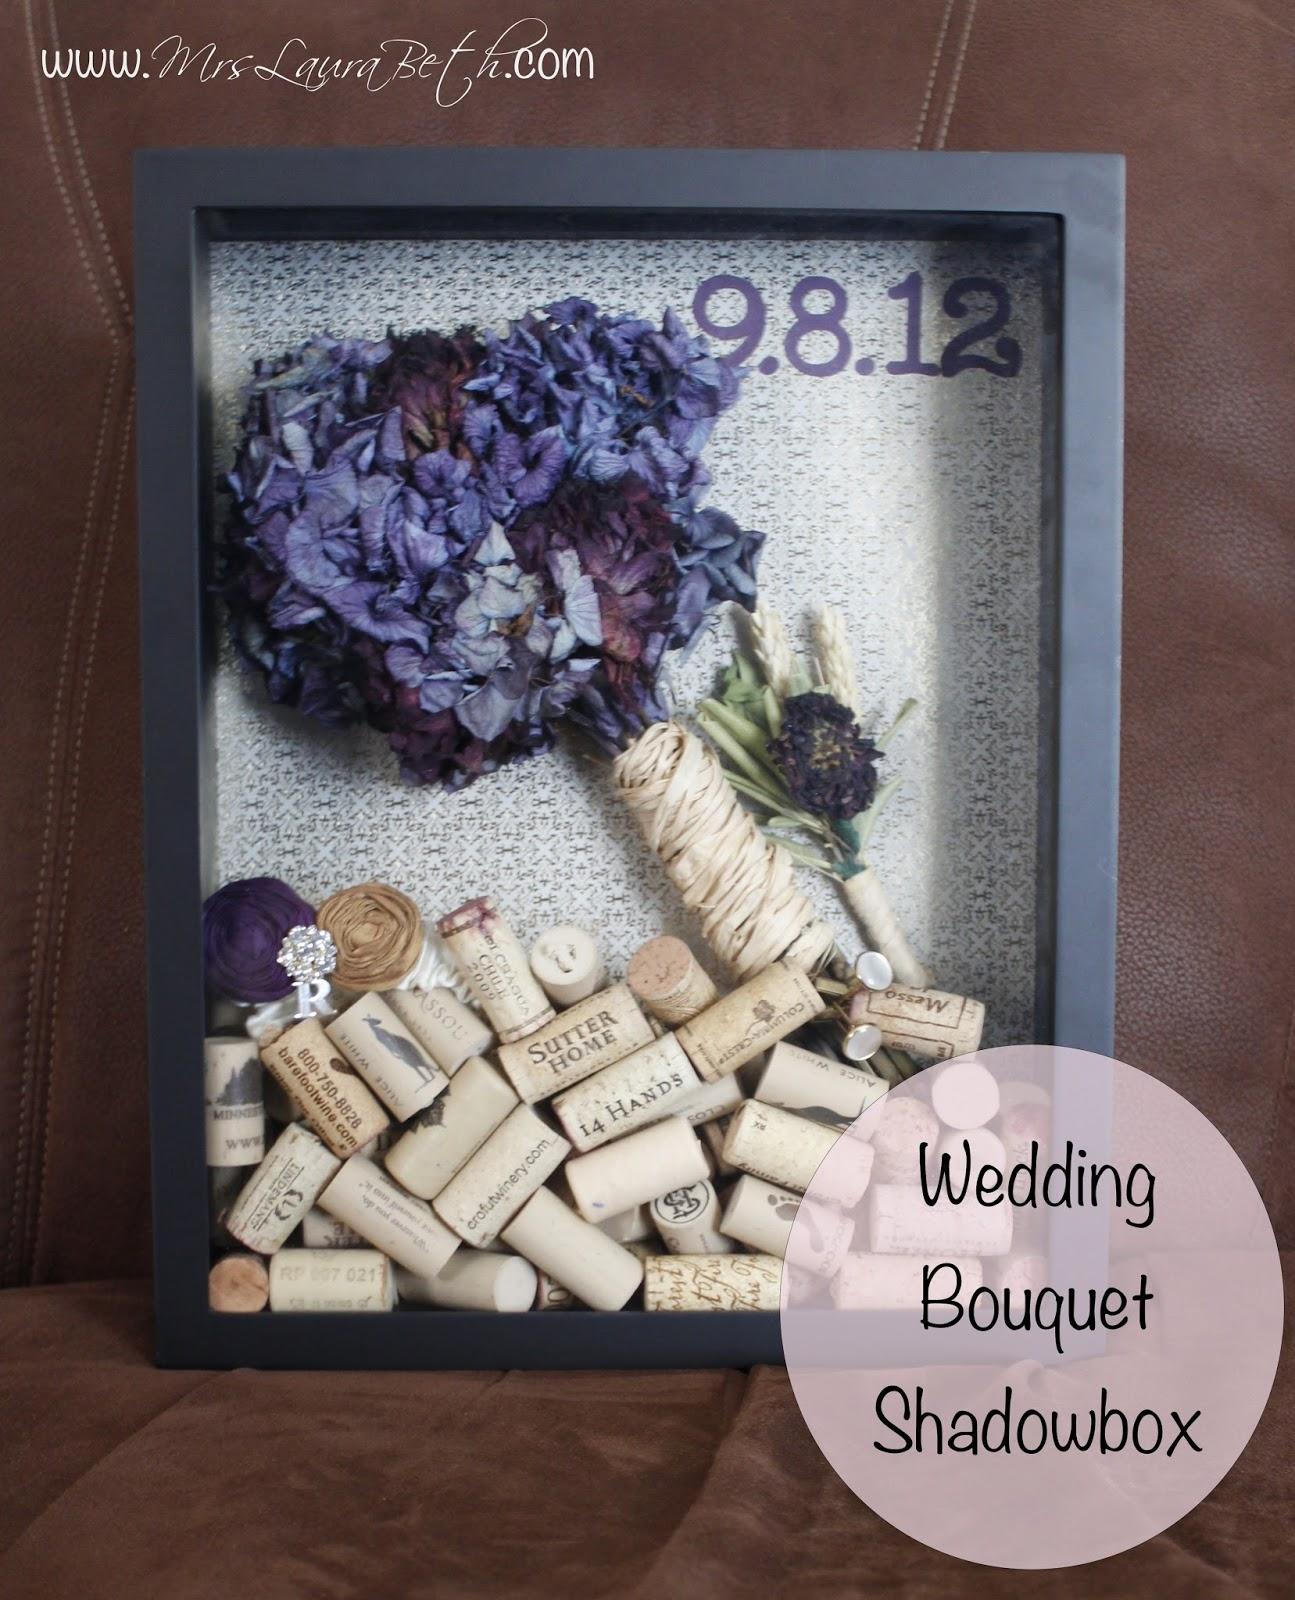 Mrs. Laura Beth: Wedding Bouquet Shadowbox